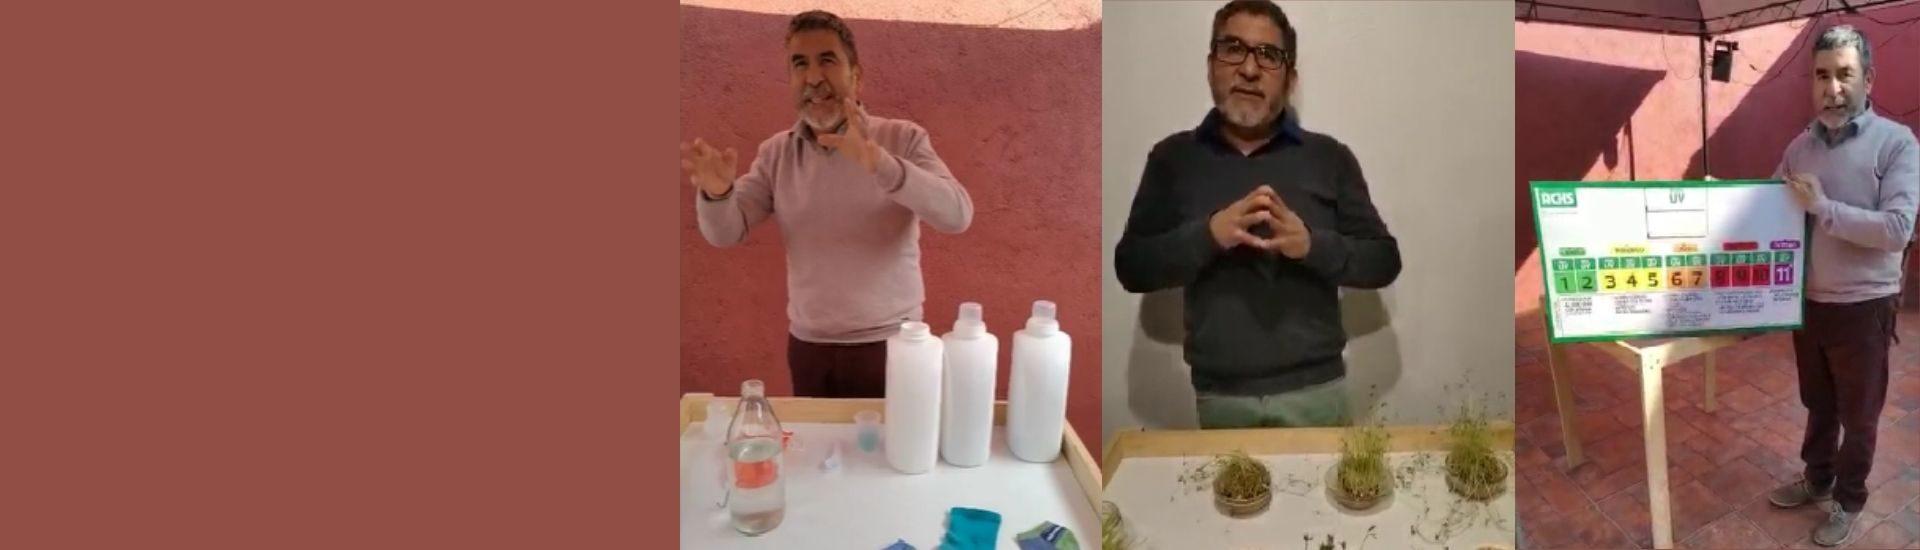 El profesor de ciencias y tecnología, Patricio Acuña, mostrando ideas innovadoras para superar los obstáculos de la pandemia